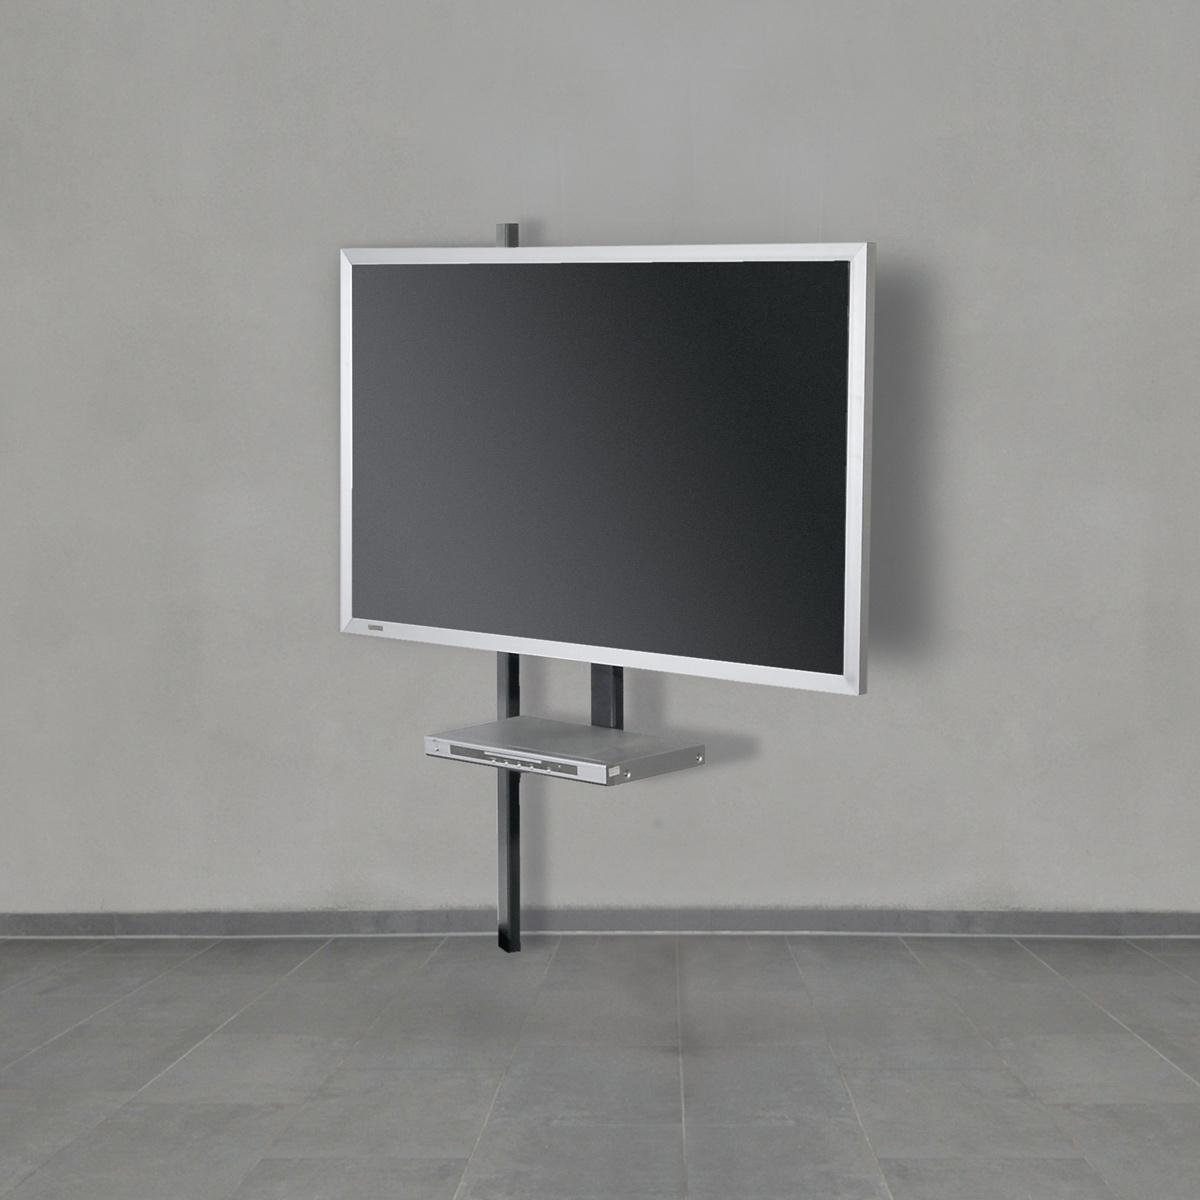 TV Wandhalter mit Schwenkarm. Drehbar. Optional DVD Board. Geräte bis 85 Zoll. Modell Solution Art 121 von Wissmann Raumobjekte.